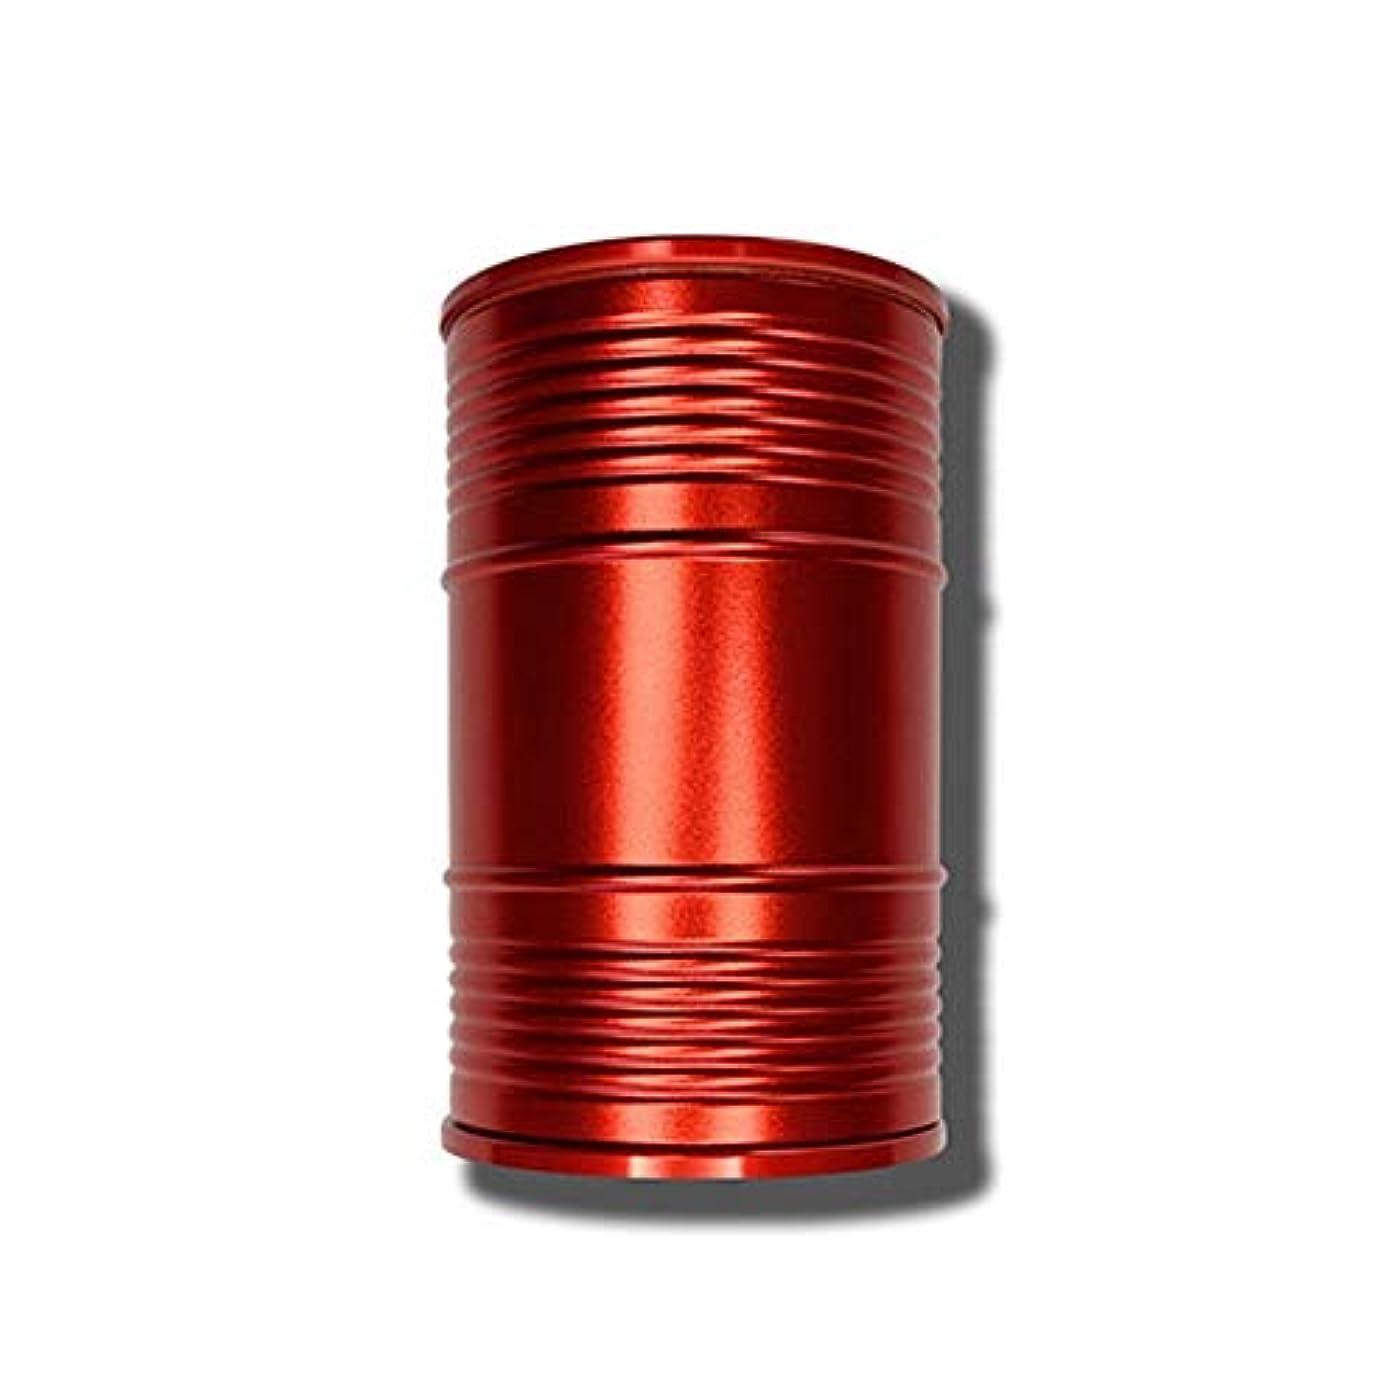 テープ道に迷いましたレンディション創造的なオイルバレル形状ミニ車ポータブル灰皿カバーデザイン個性創造的な金属室内装飾、品質保証 (色 : 赤)